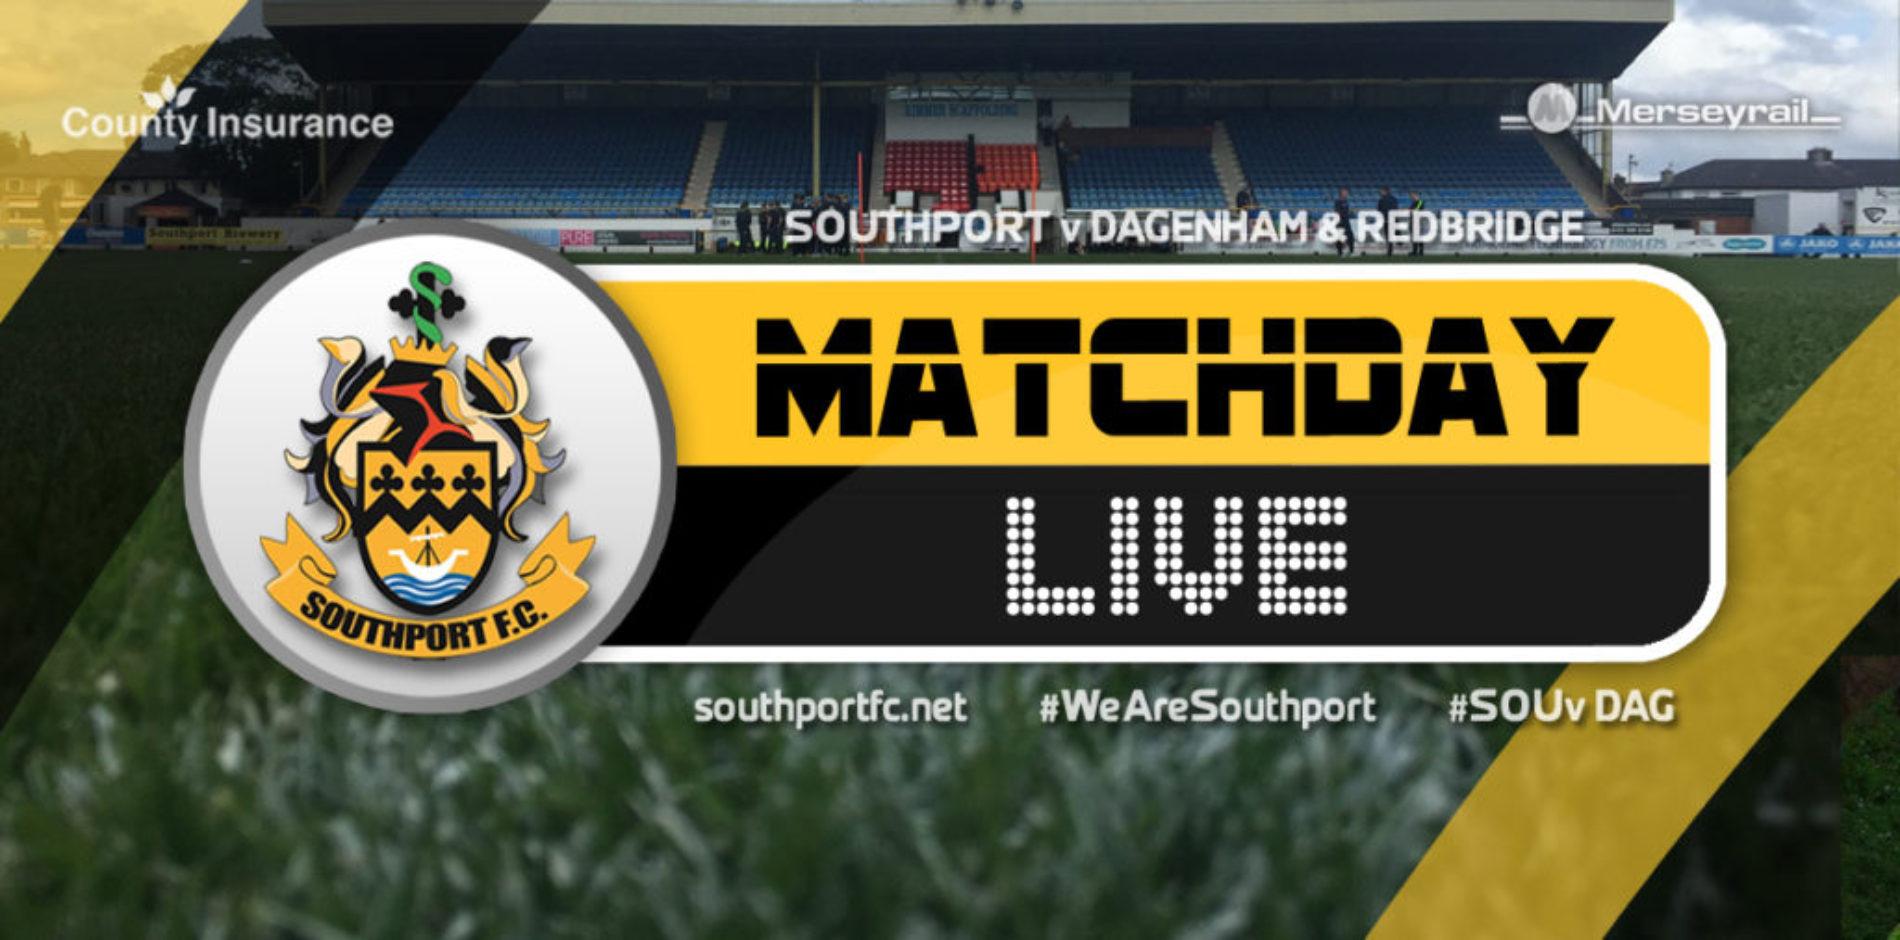 MATCHDAY LIVE | Southport V Dagenham & Redbridge